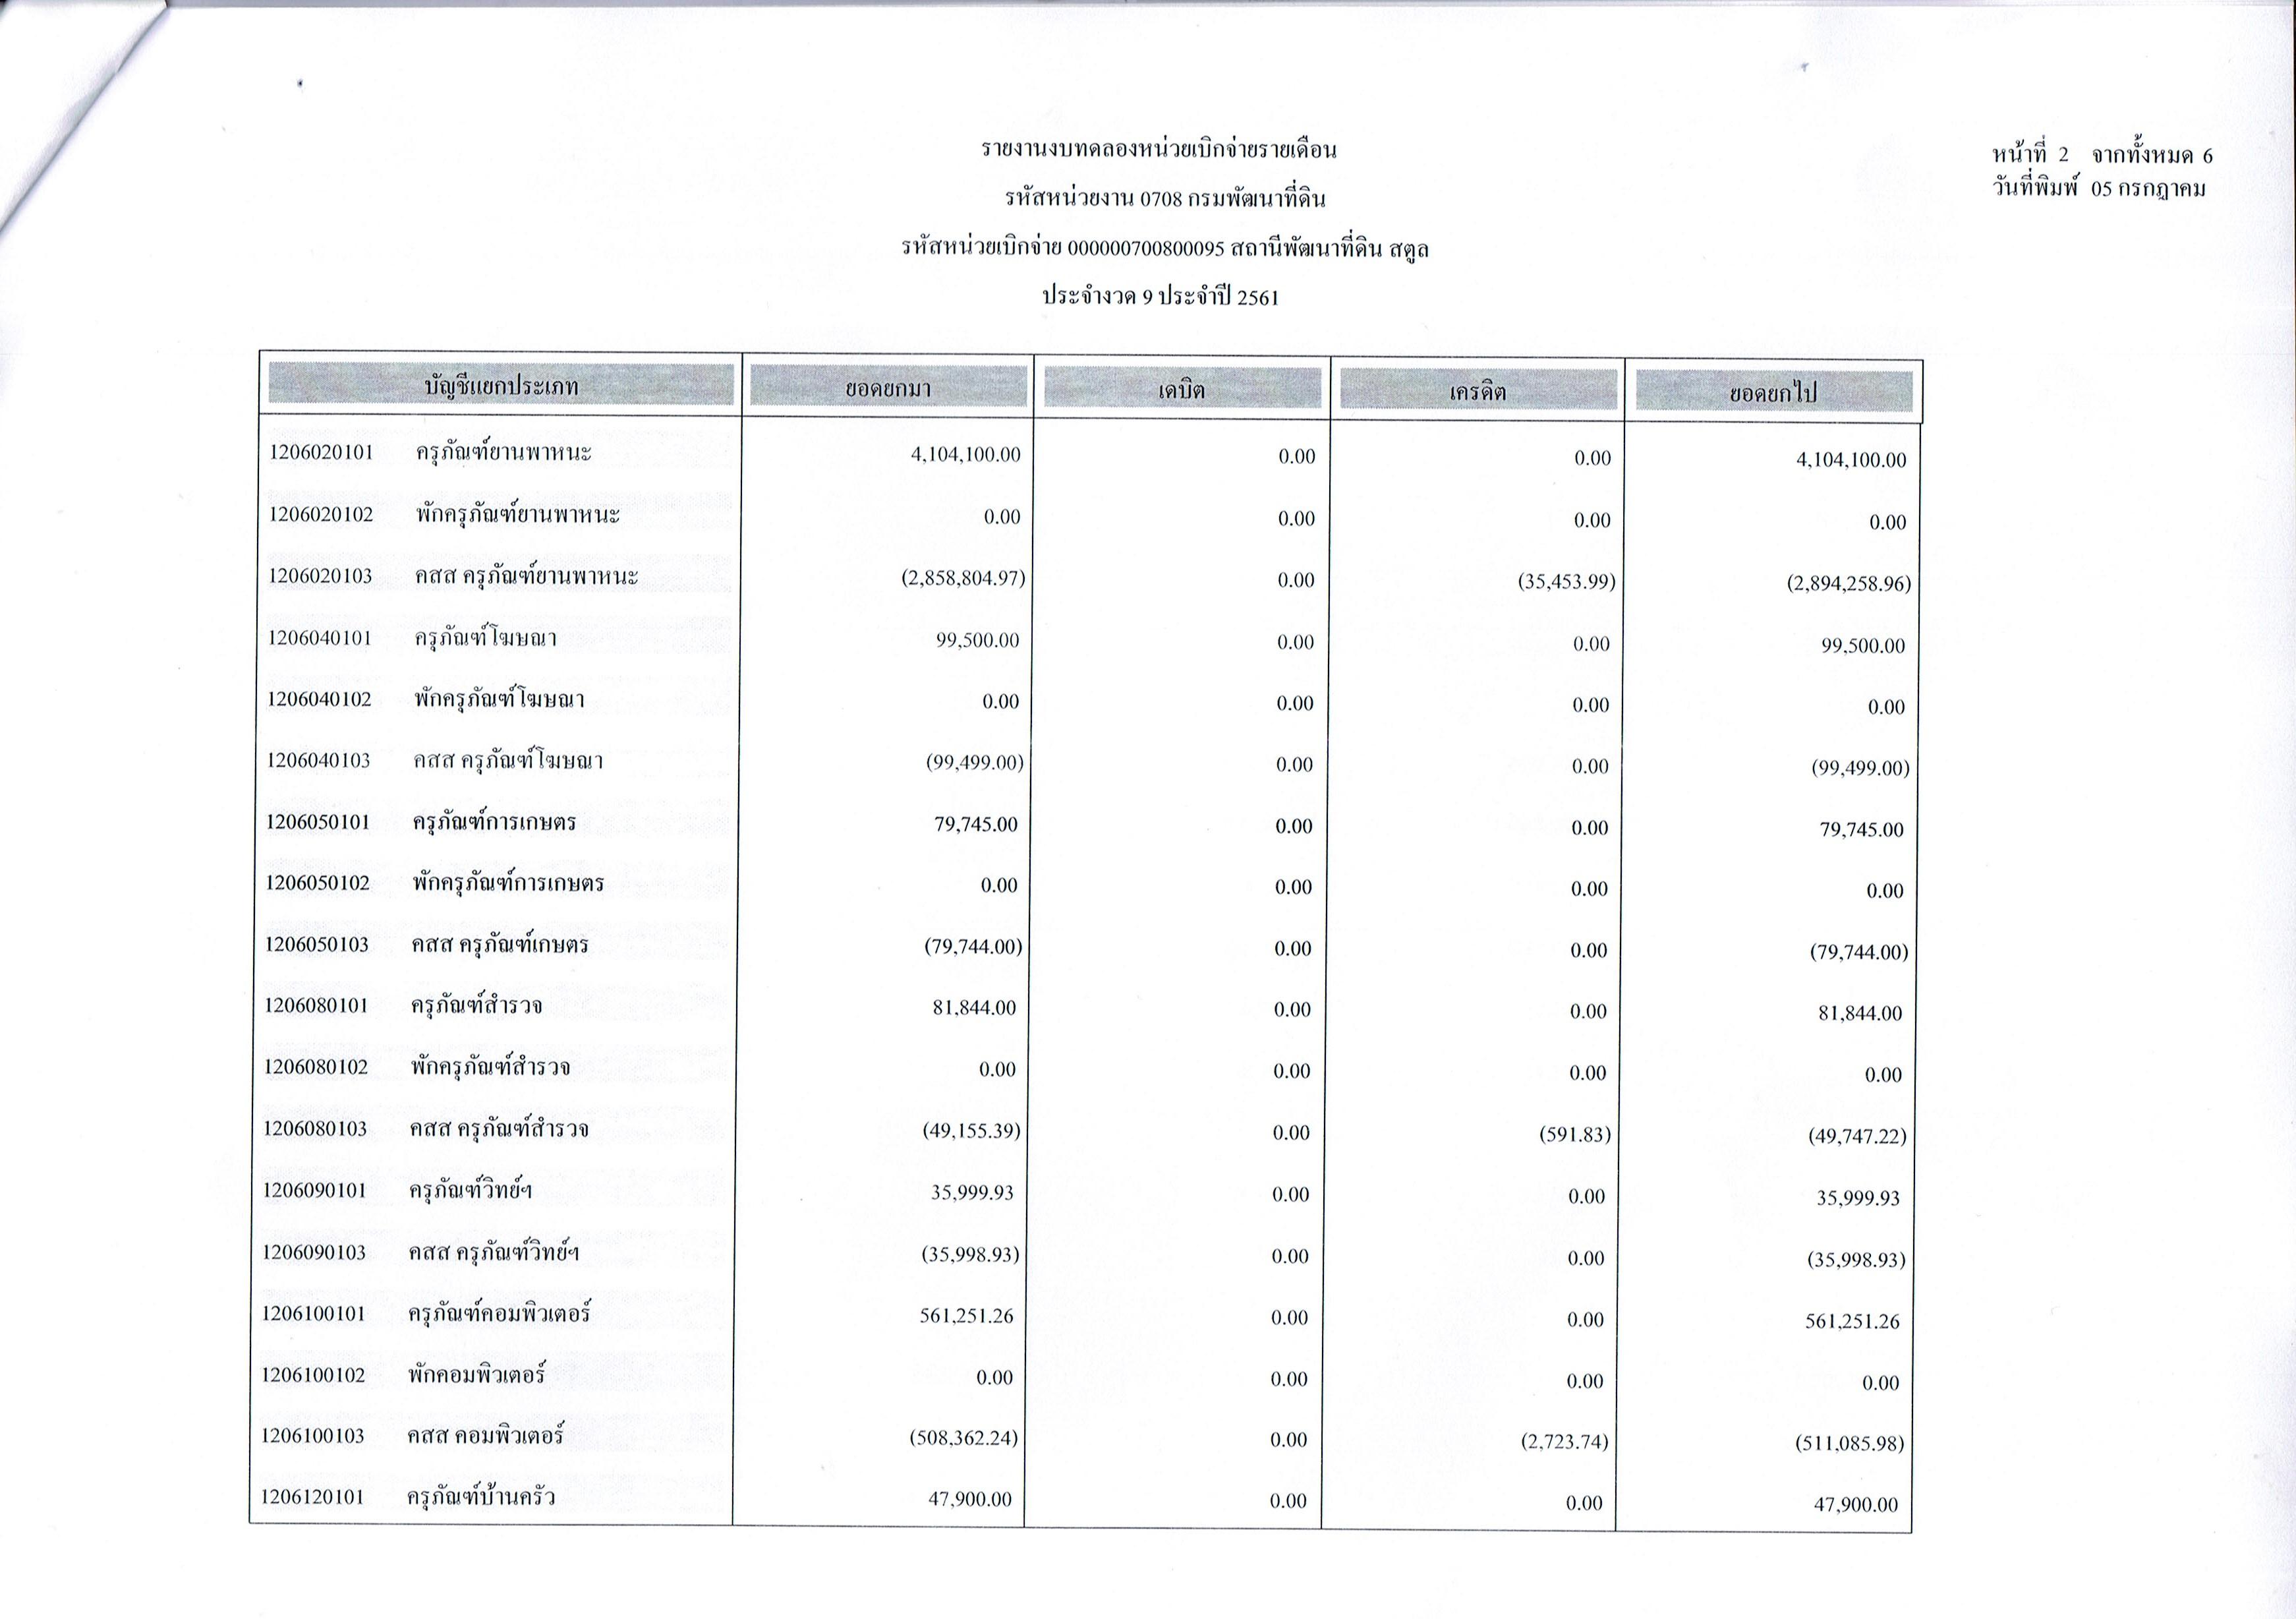 รายงานงบทดลองหน่วยเบิกจ่ายรายเดือนมิถุนายน ประจำงวด 9 ประจำปี 2561 2